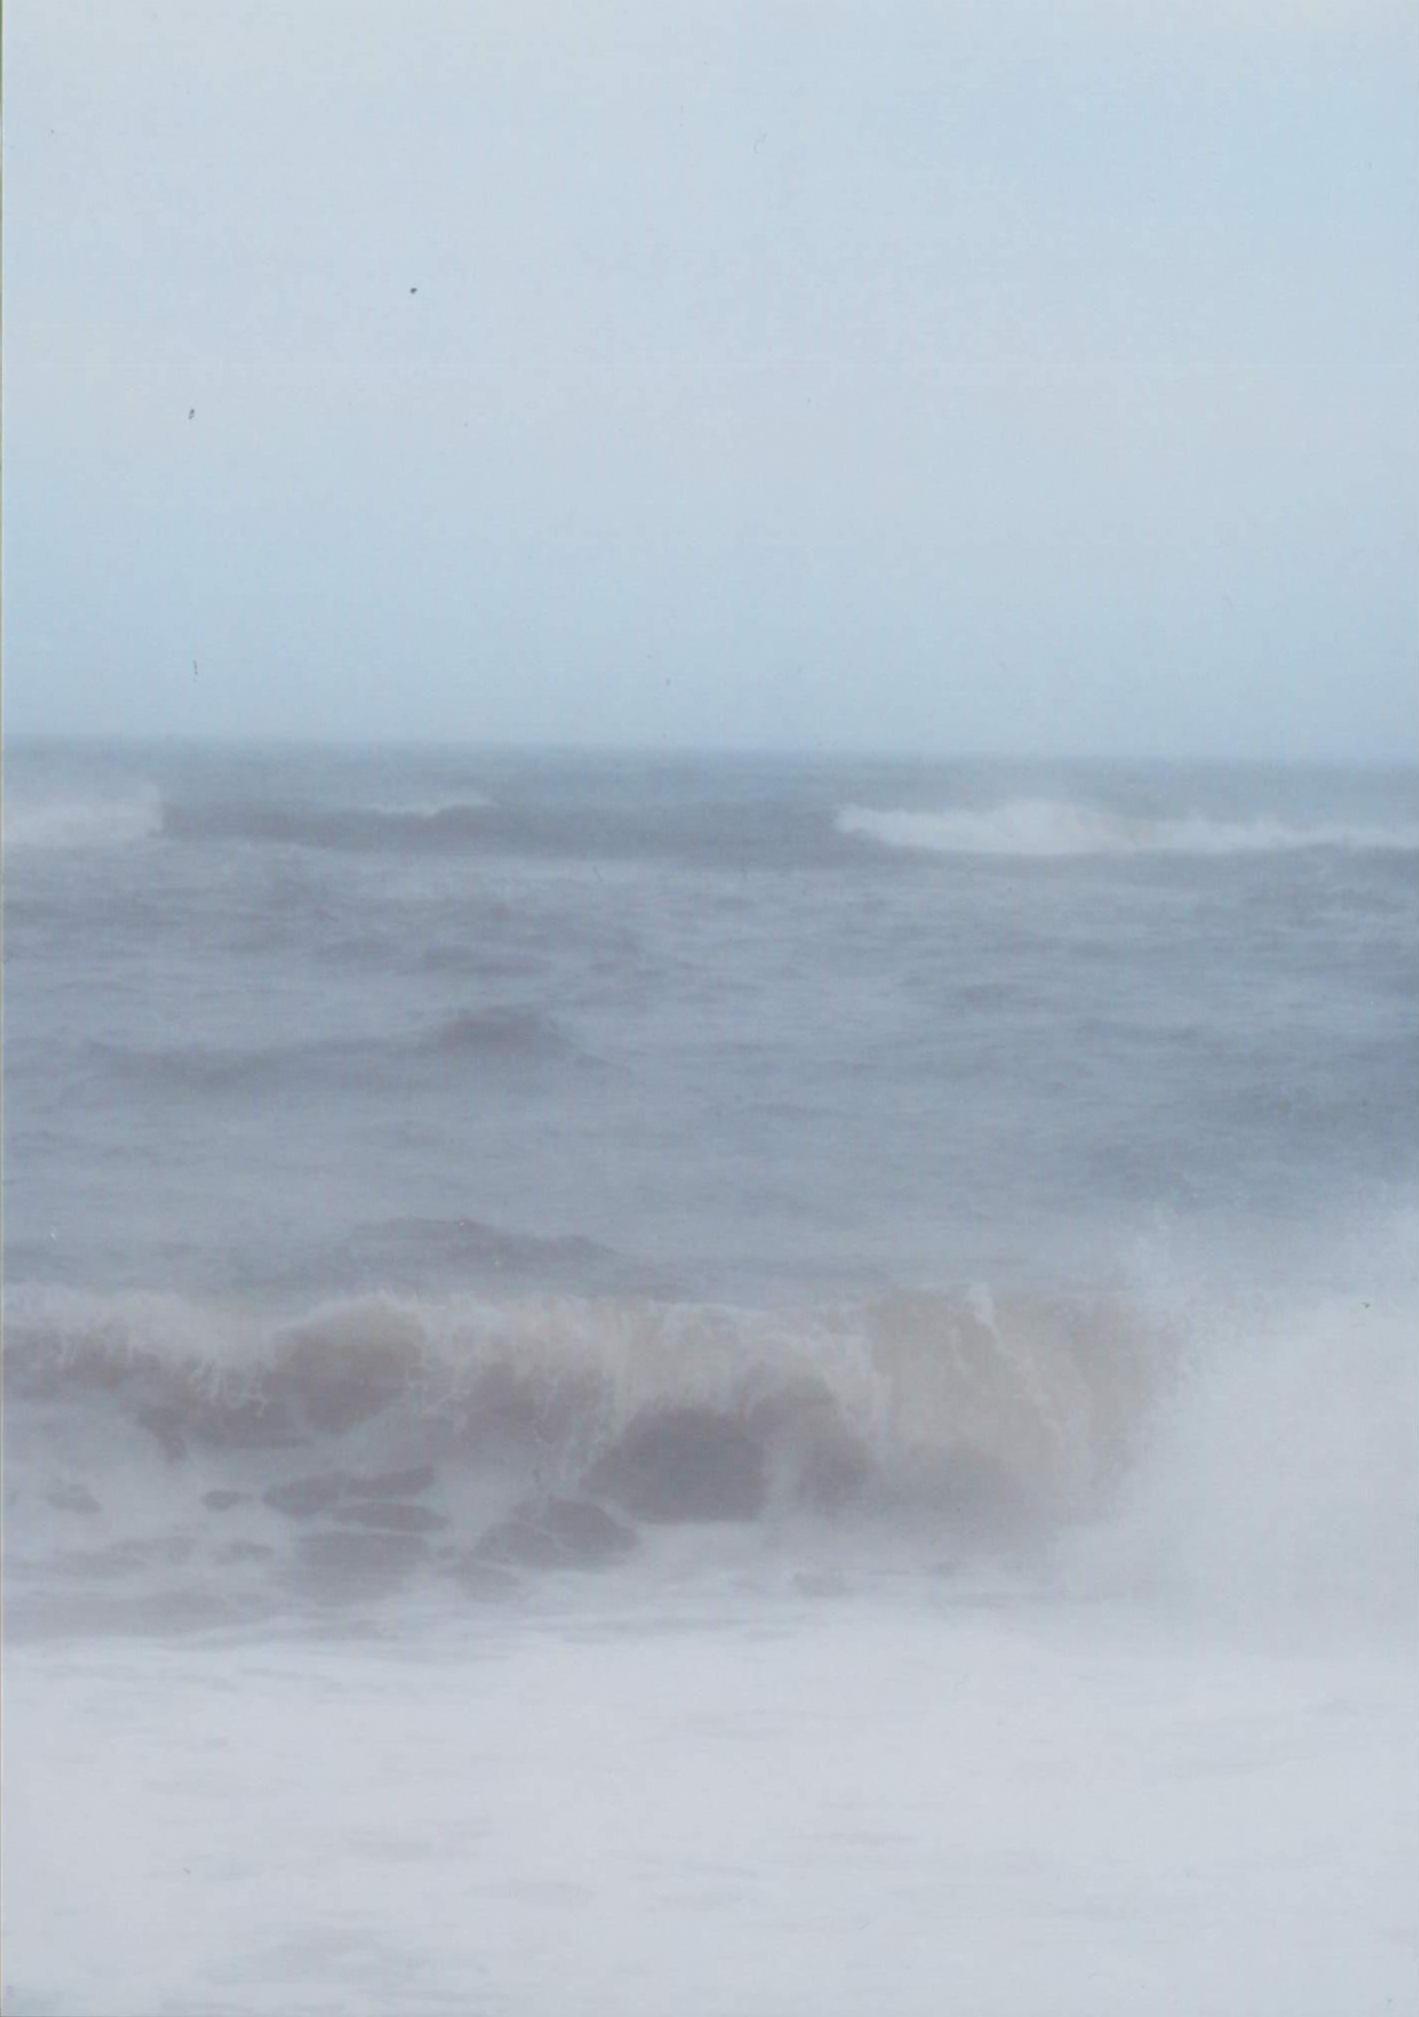 Il mare si sta purificando ma il popolo si sta a perdere cercando potere demoniale. Questo non è il modo di vivere; meglio che vi convertite. Pregate il DIO UNIVERSALE che vi aiuta i con i vostri bisogni.